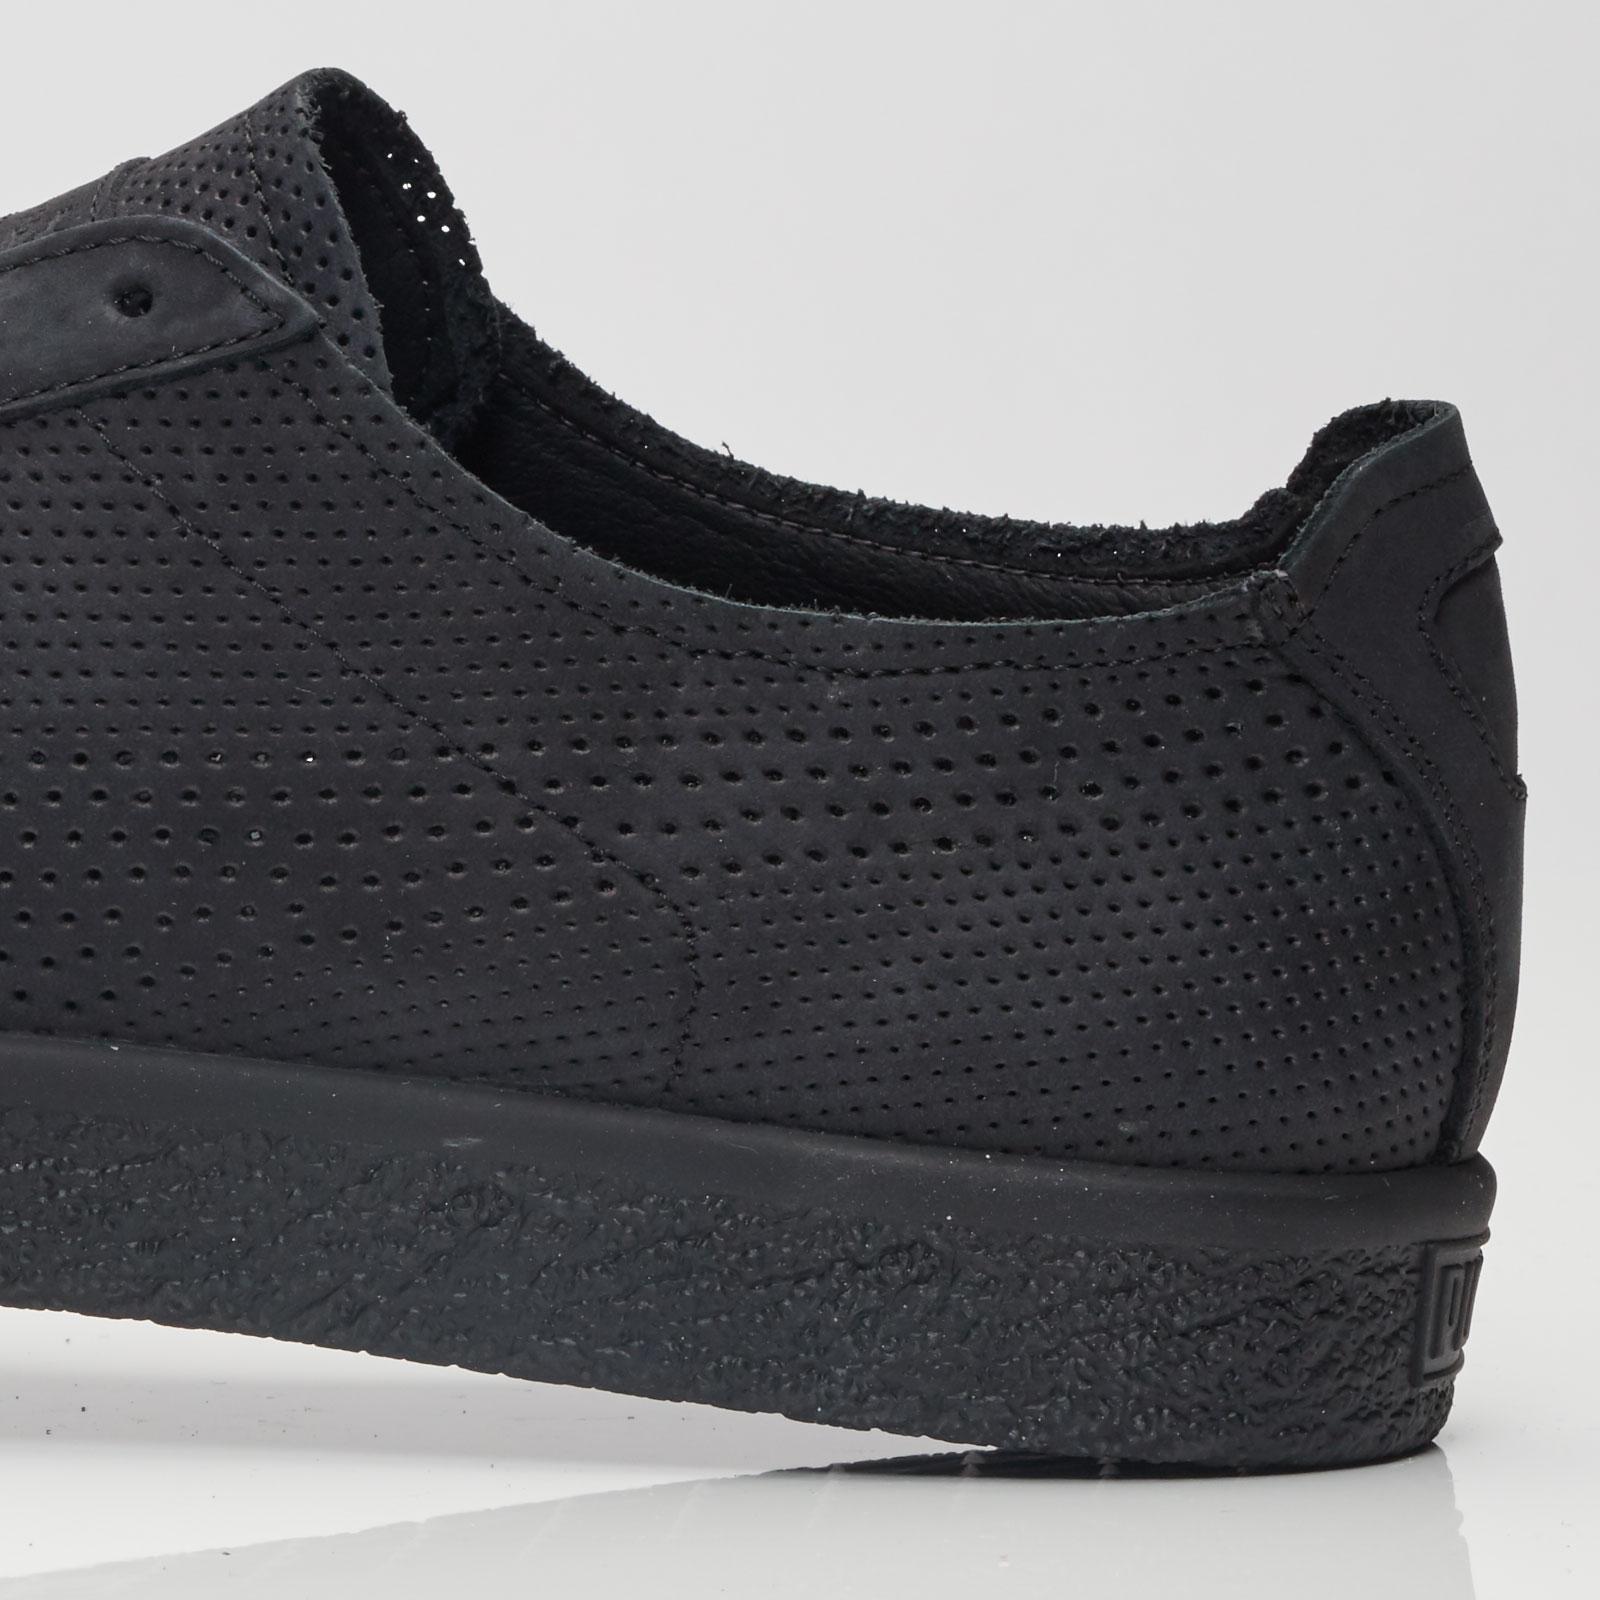 c09de639382 Puma Stampd Clyde - 362736-01 - Sneakersnstuff